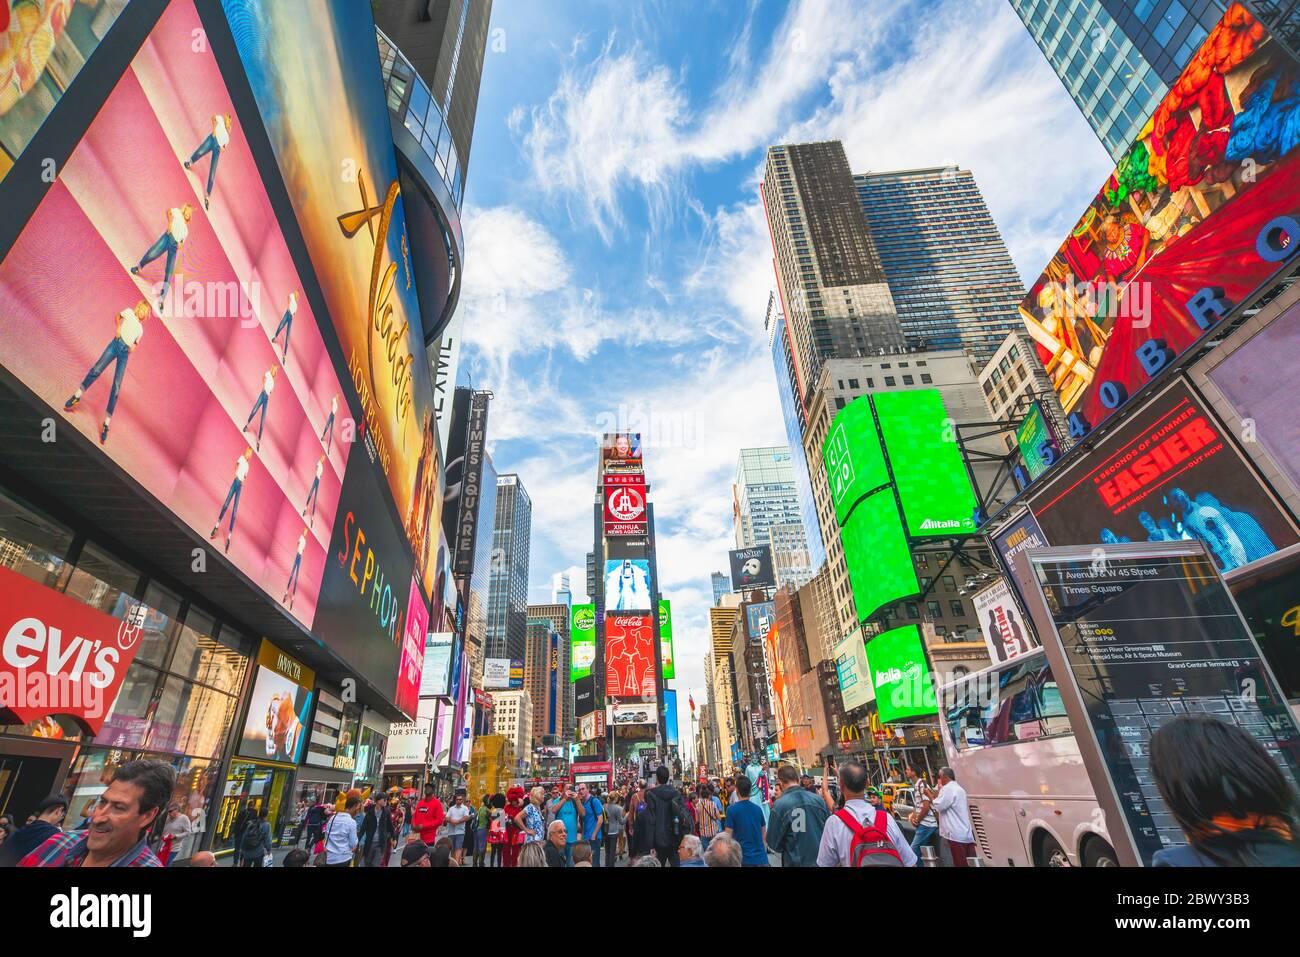 New York City/USA - 24 maggio 2019 Times Square, una delle attrazioni turistiche più visitate al mondo. Strada affollata, luminosa e illuminata da cartelloni e annunci pubblicitari Foto Stock